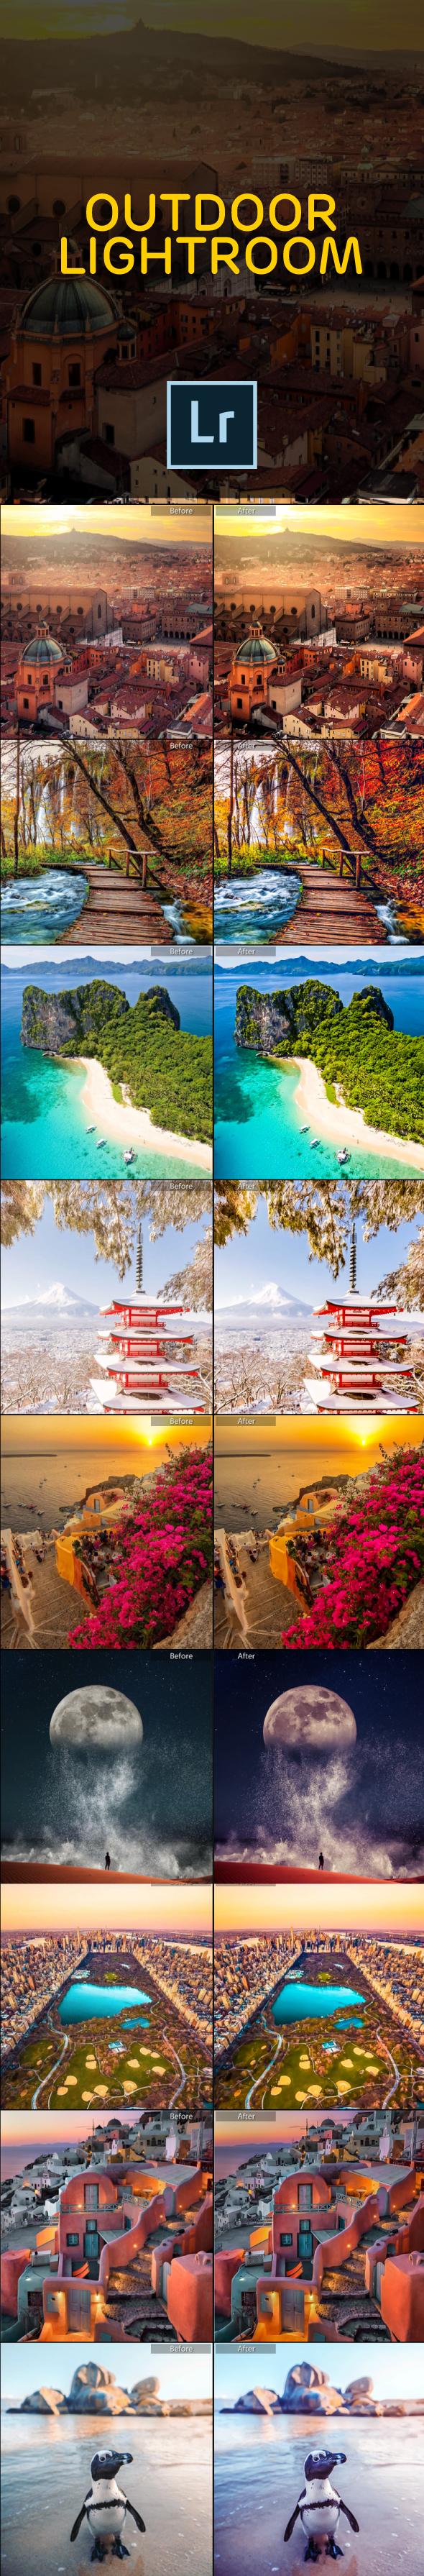 14 Landscape Lightroom Presets - Landscape Lightroom Presets